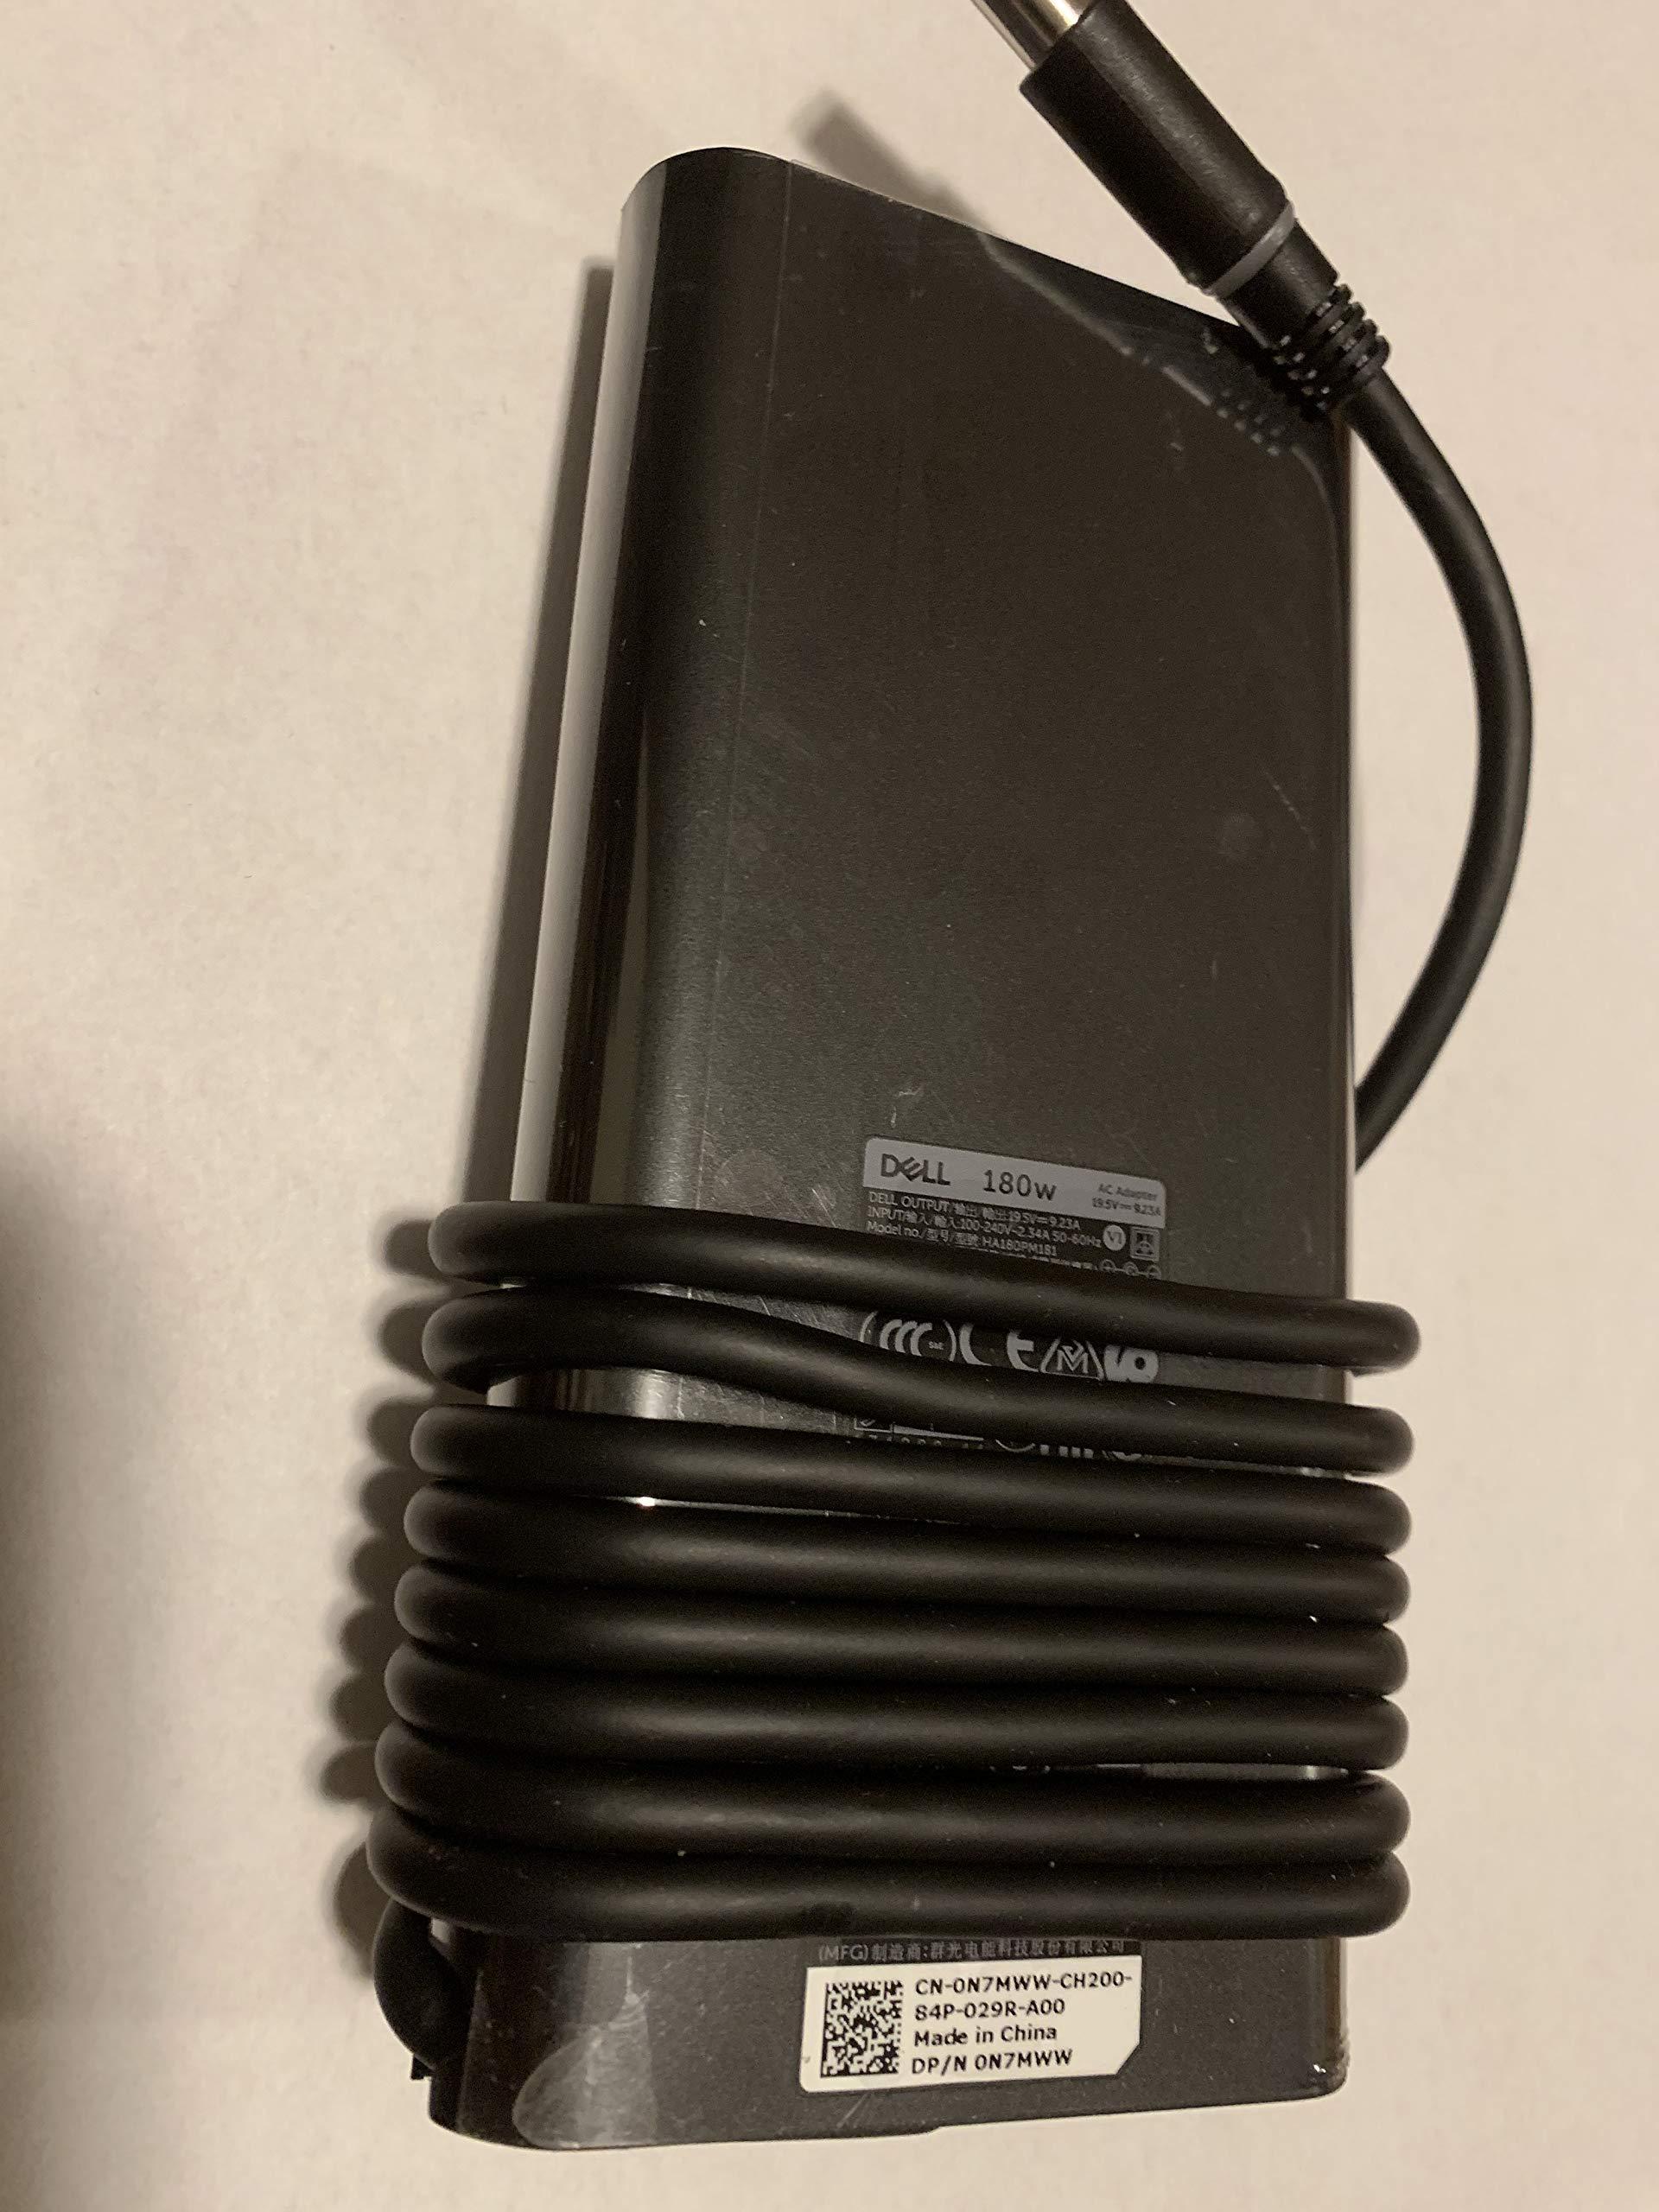 Dell 180W AC Adapter for Precision 7520, Alienware 15 R4, Alienware 17 R5, G7 15 (7588), G3 15 (3579) G3 17 (3779), G5 15 (5587), Inspiron 15 7000 Series (7577), Alienware M15. by Dell (Image #2)